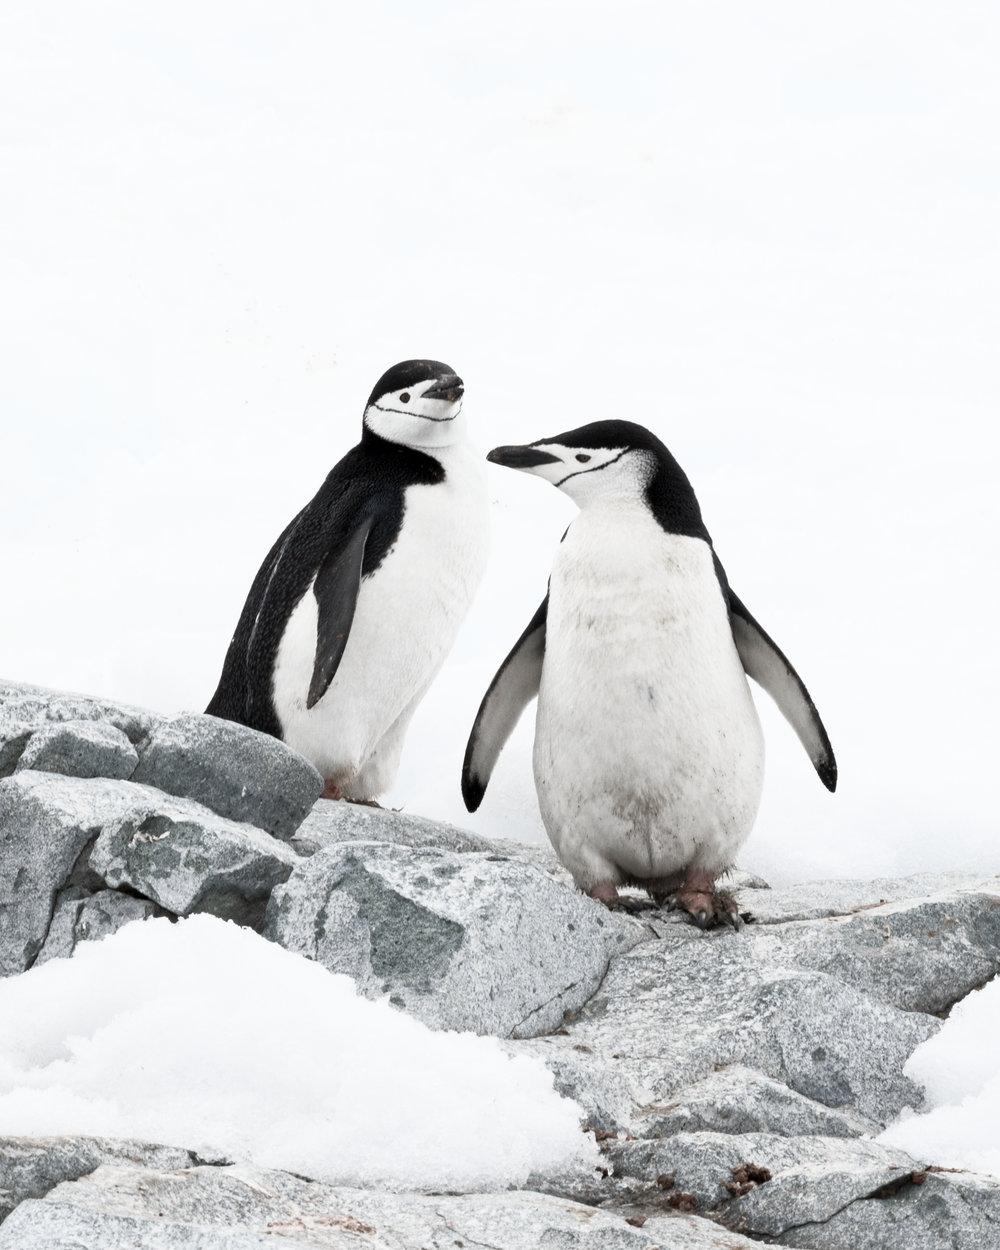 penguin40.jpg